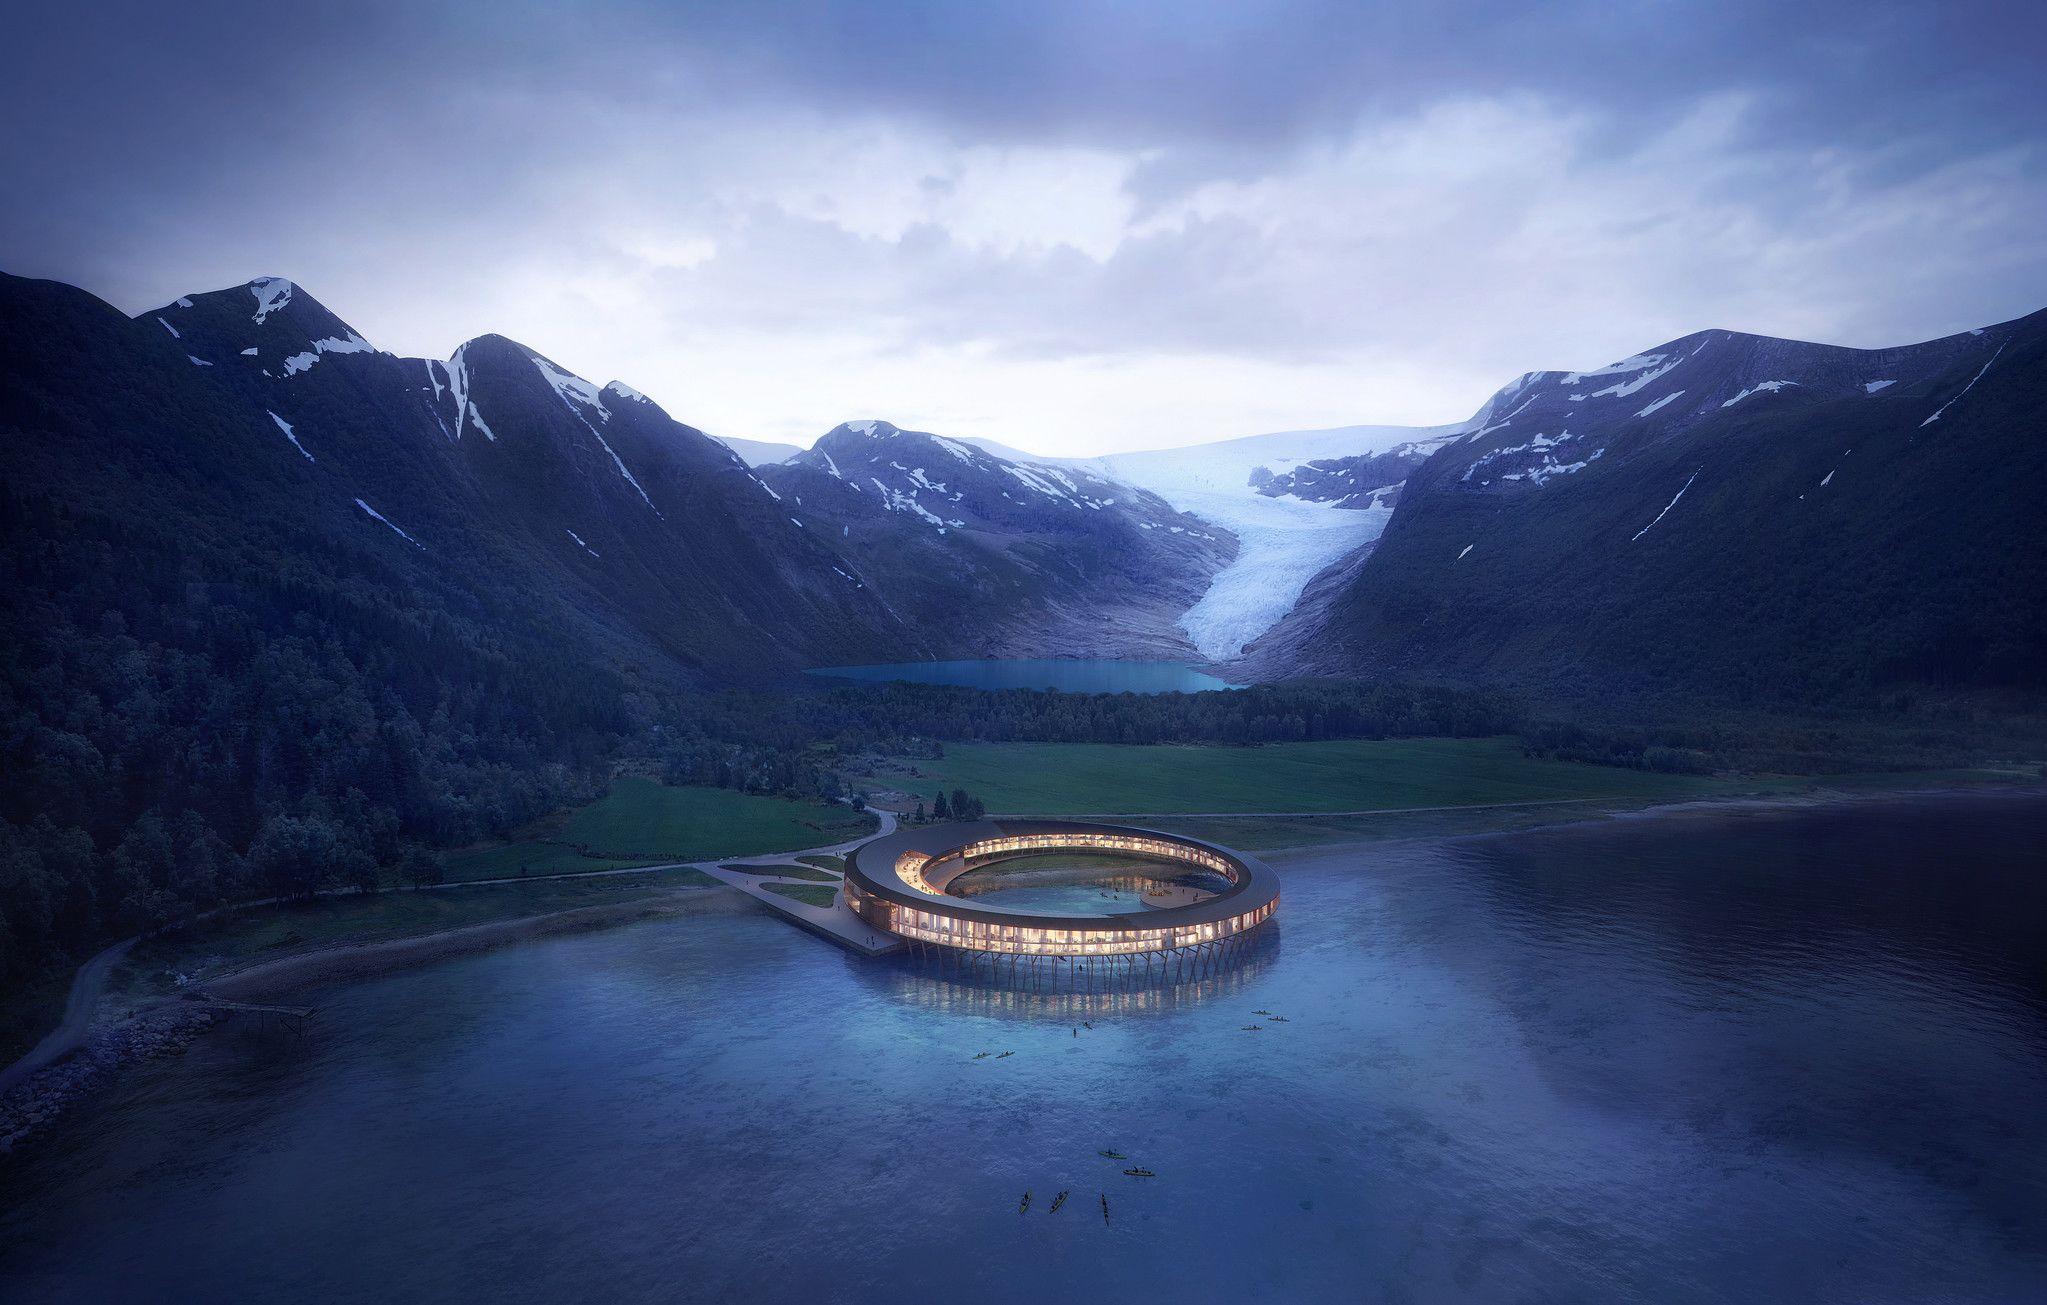 Svart - норвежский отель-электростанция